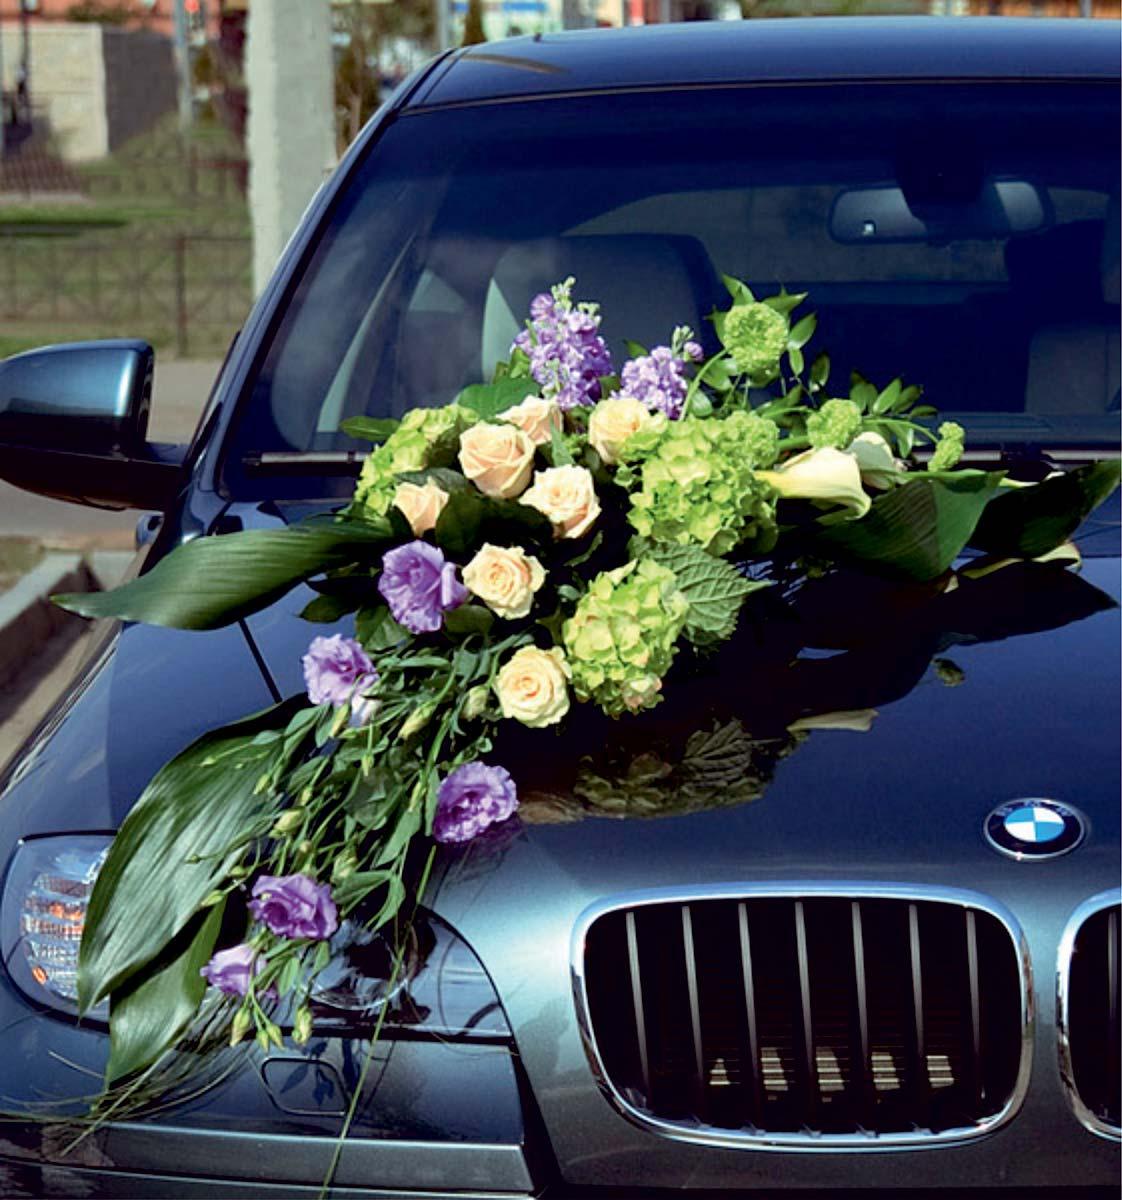 voiture-bouquet-de-fleurs-violettes